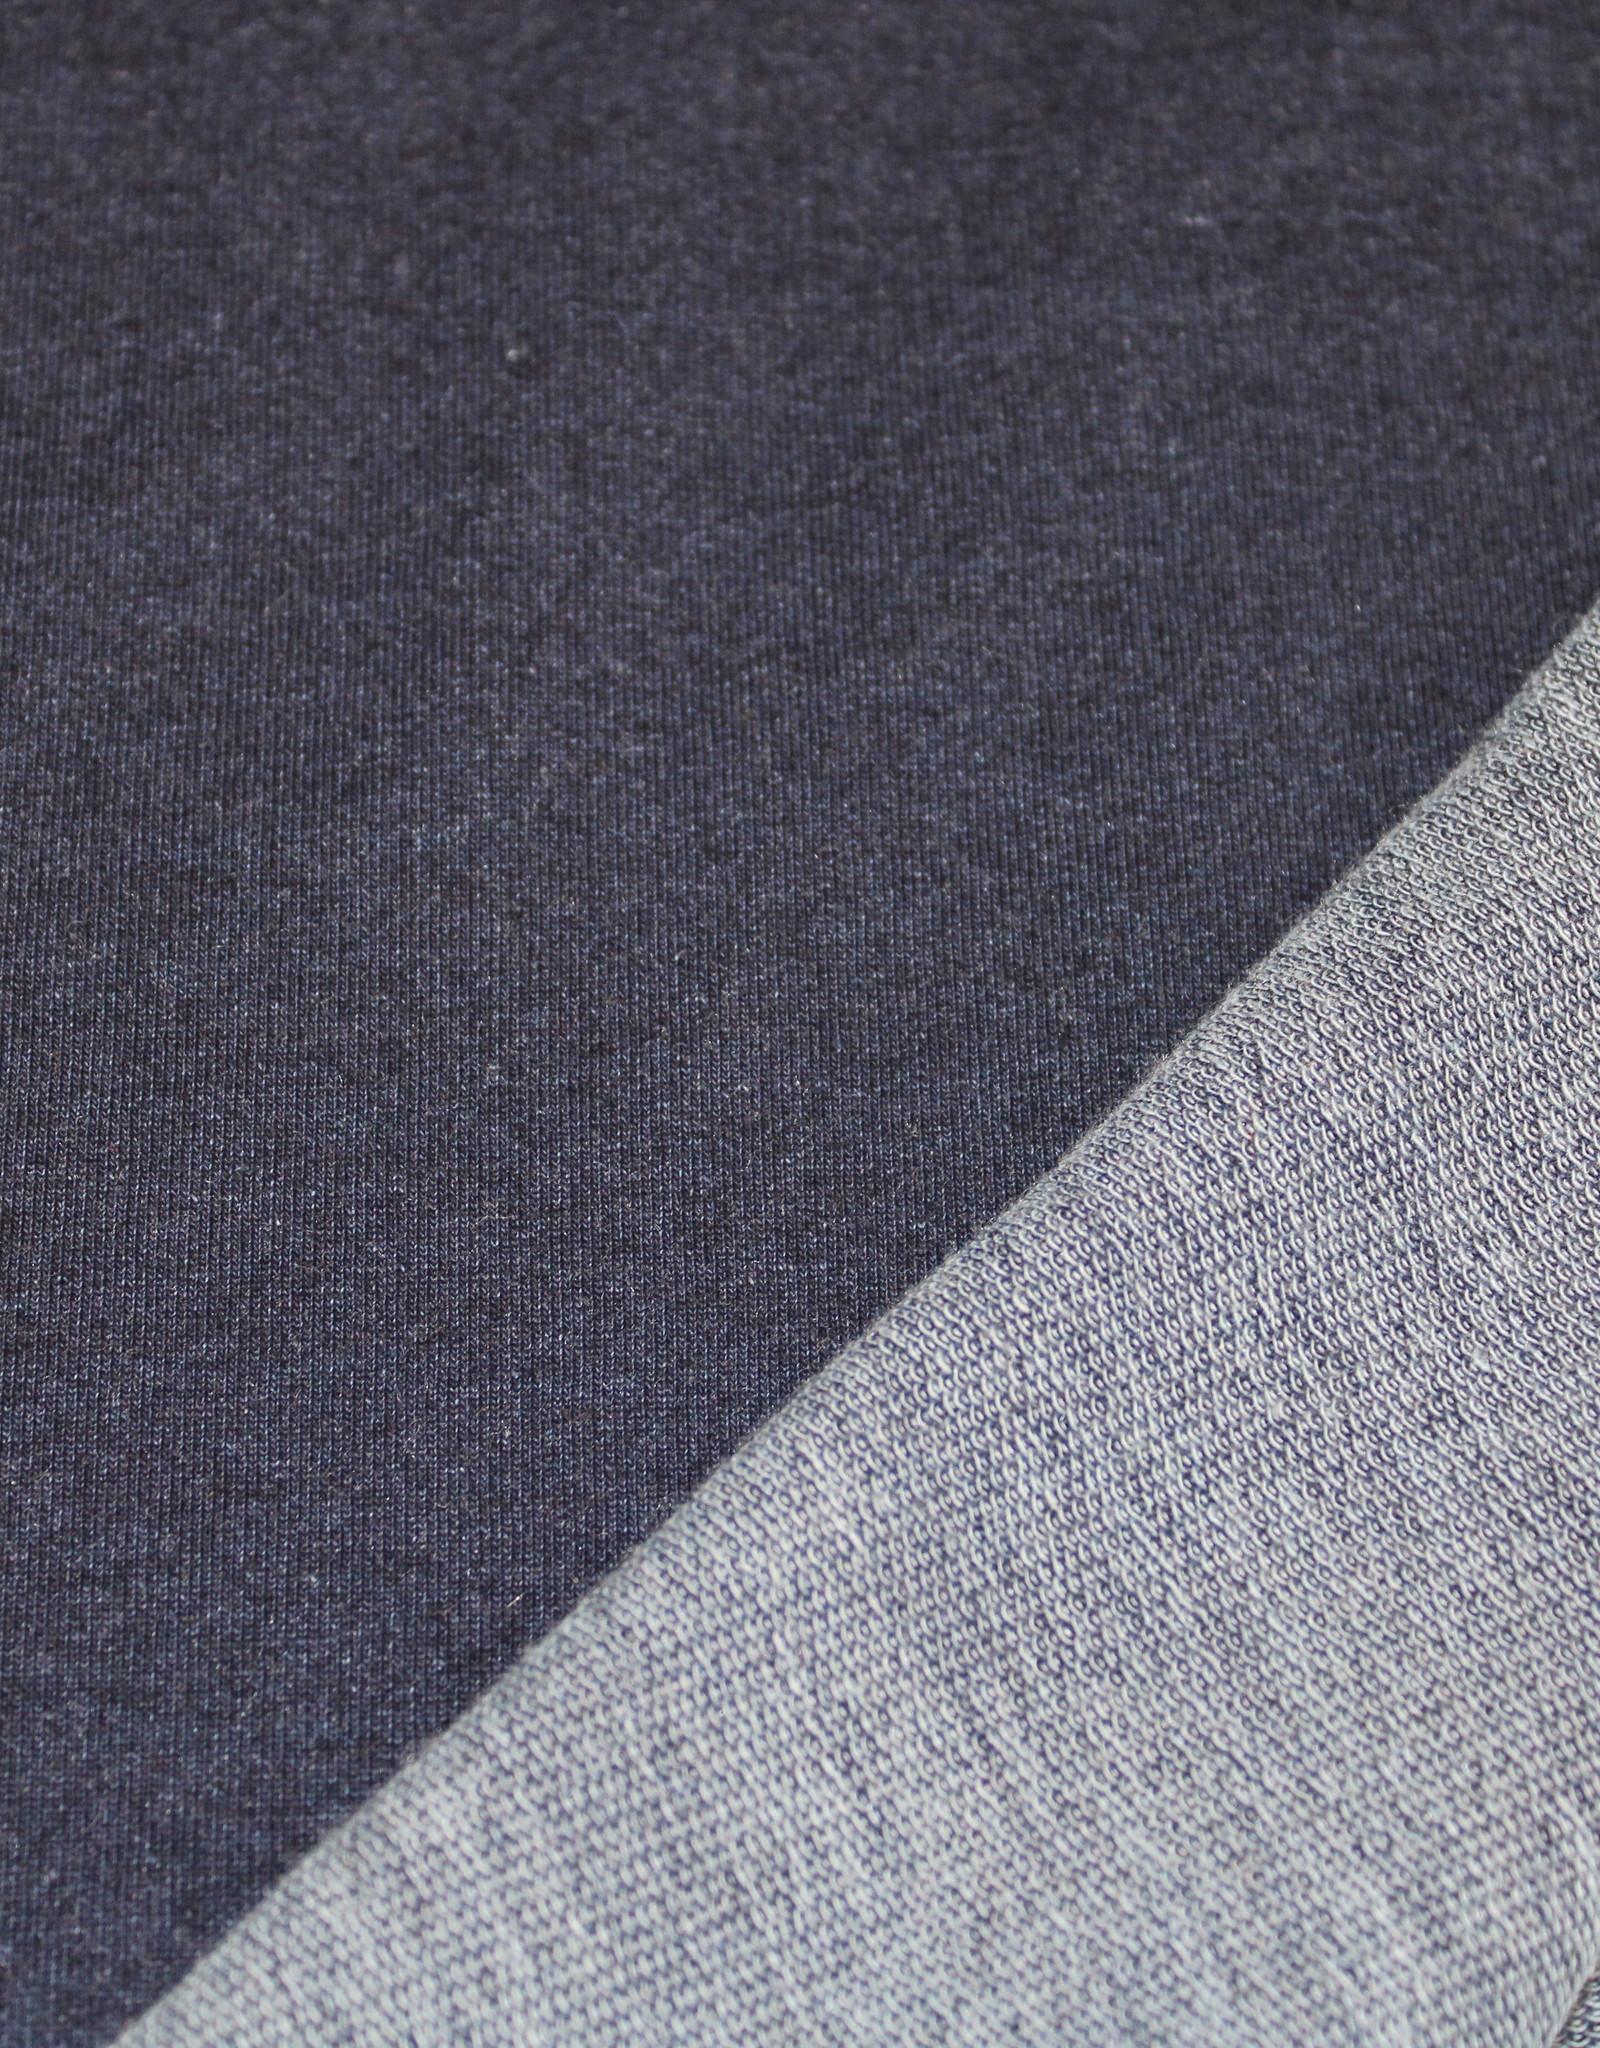 COUPON Stretch jogging donkerste jeanskleur (45cm x 180cm)